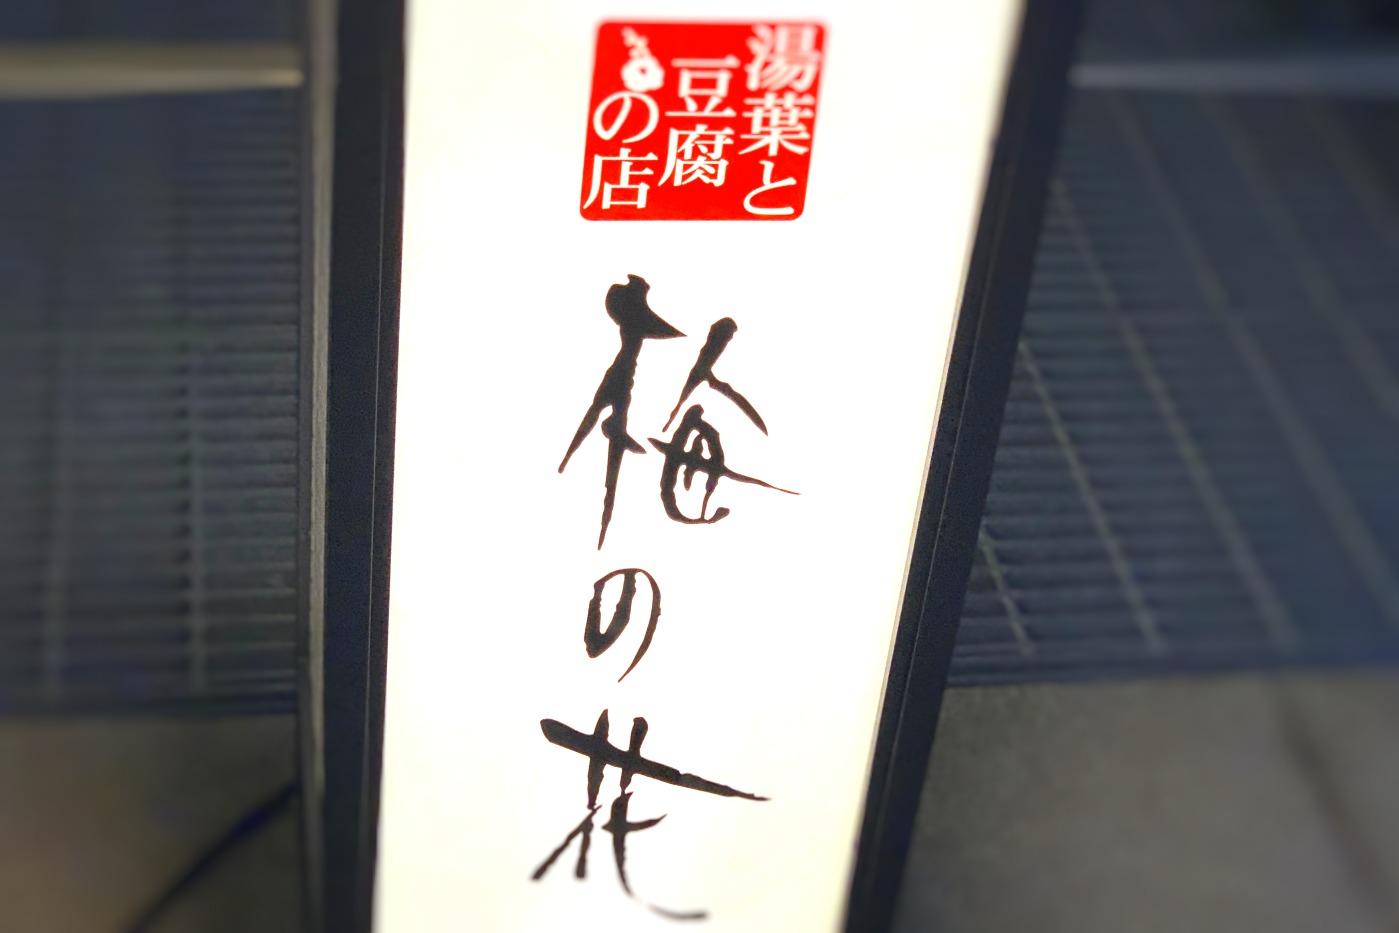 湯葉と豆腐の店「梅の花」の本店はどこ?店舗情報や営業時間を解説!